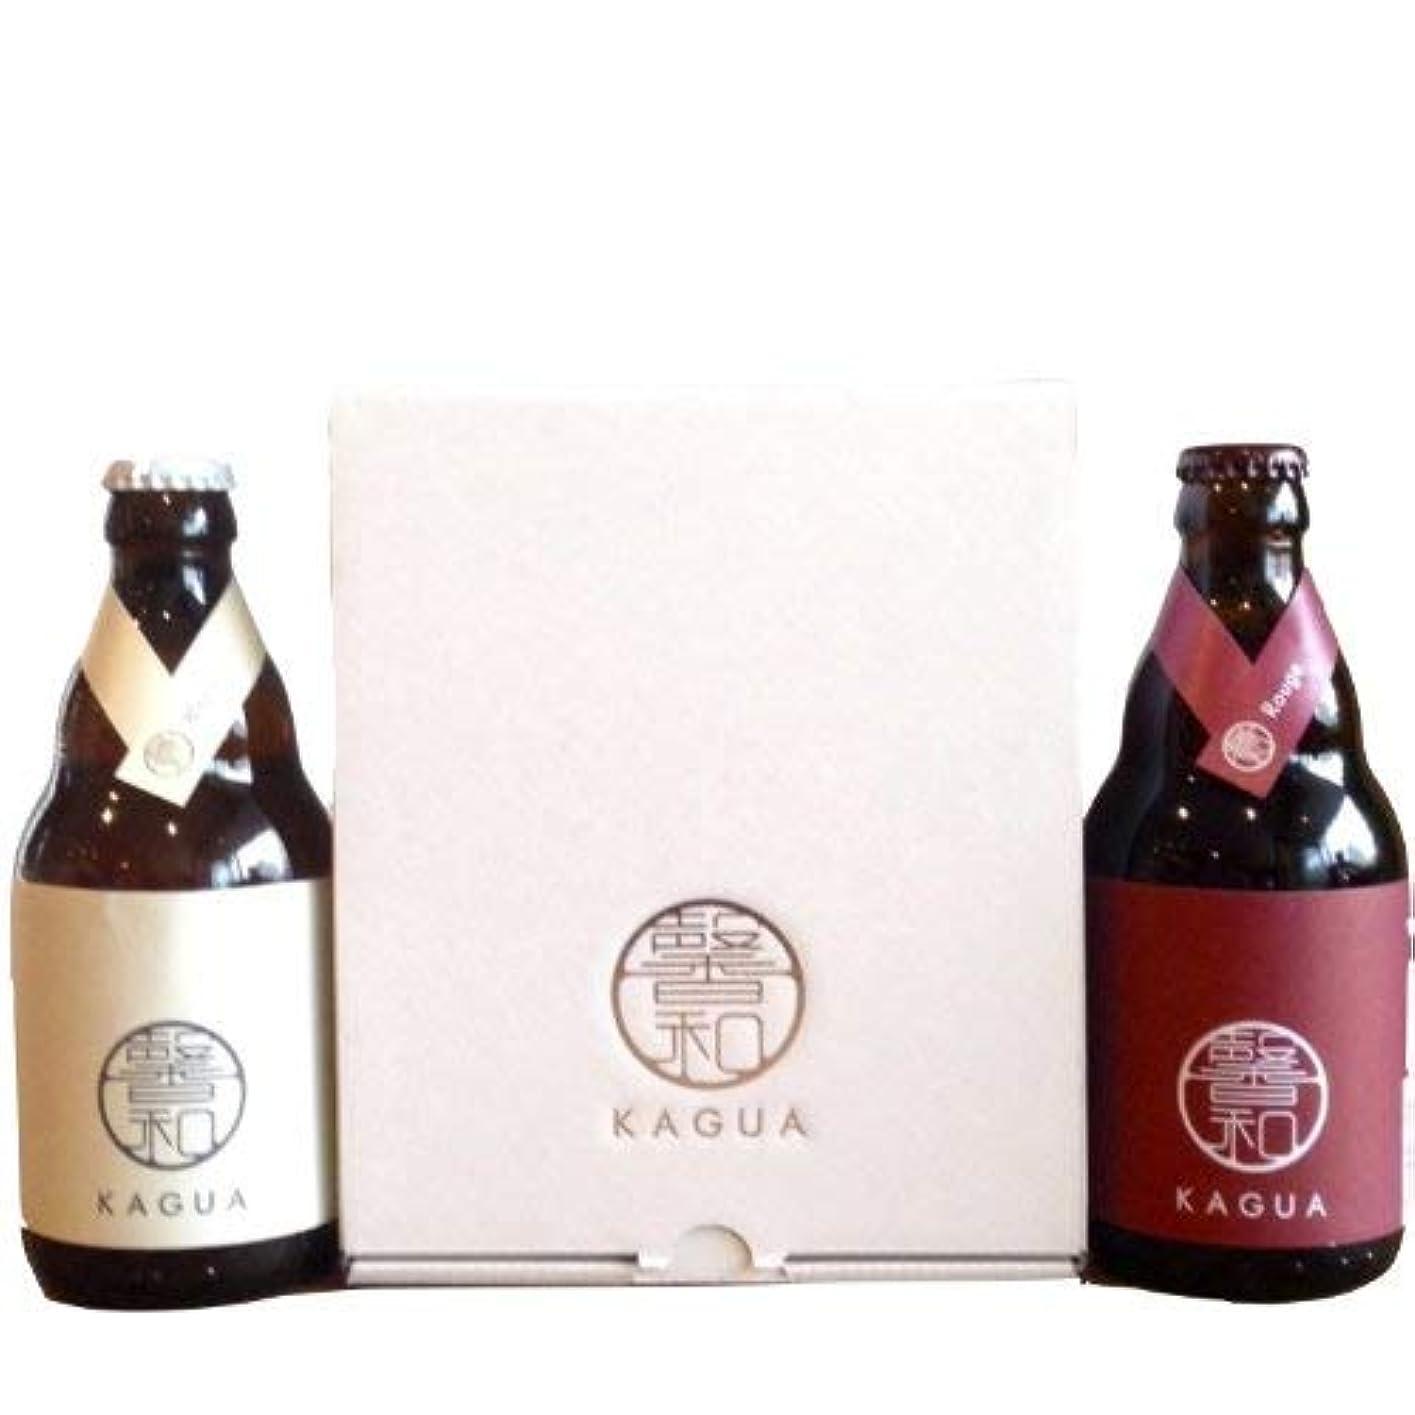 運ぶキャッチギャラリー「馨和 KAGUA」ギフトボックス Blanc & Rouge 2本セット 330ml × 2本 クラフトビール